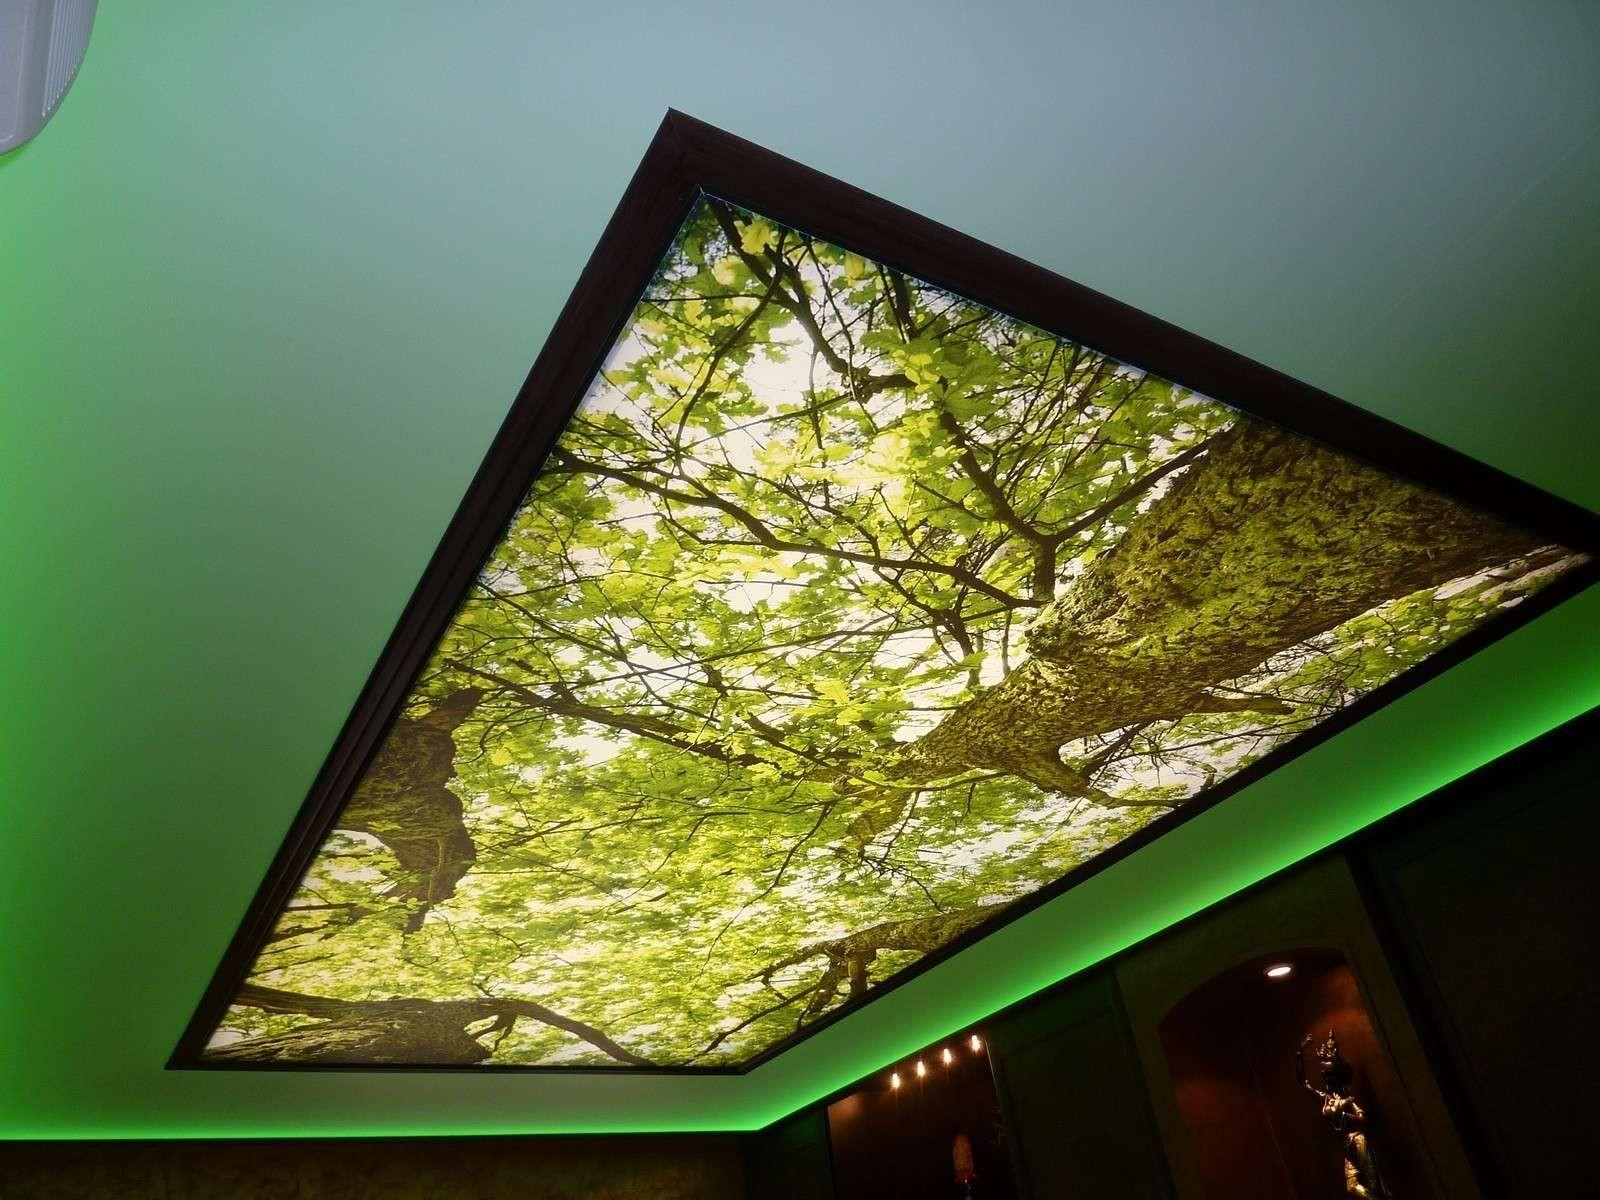 Plafond tendu imprimé lumineux (éclairage principal) et plafond tendu translucide et lumineux